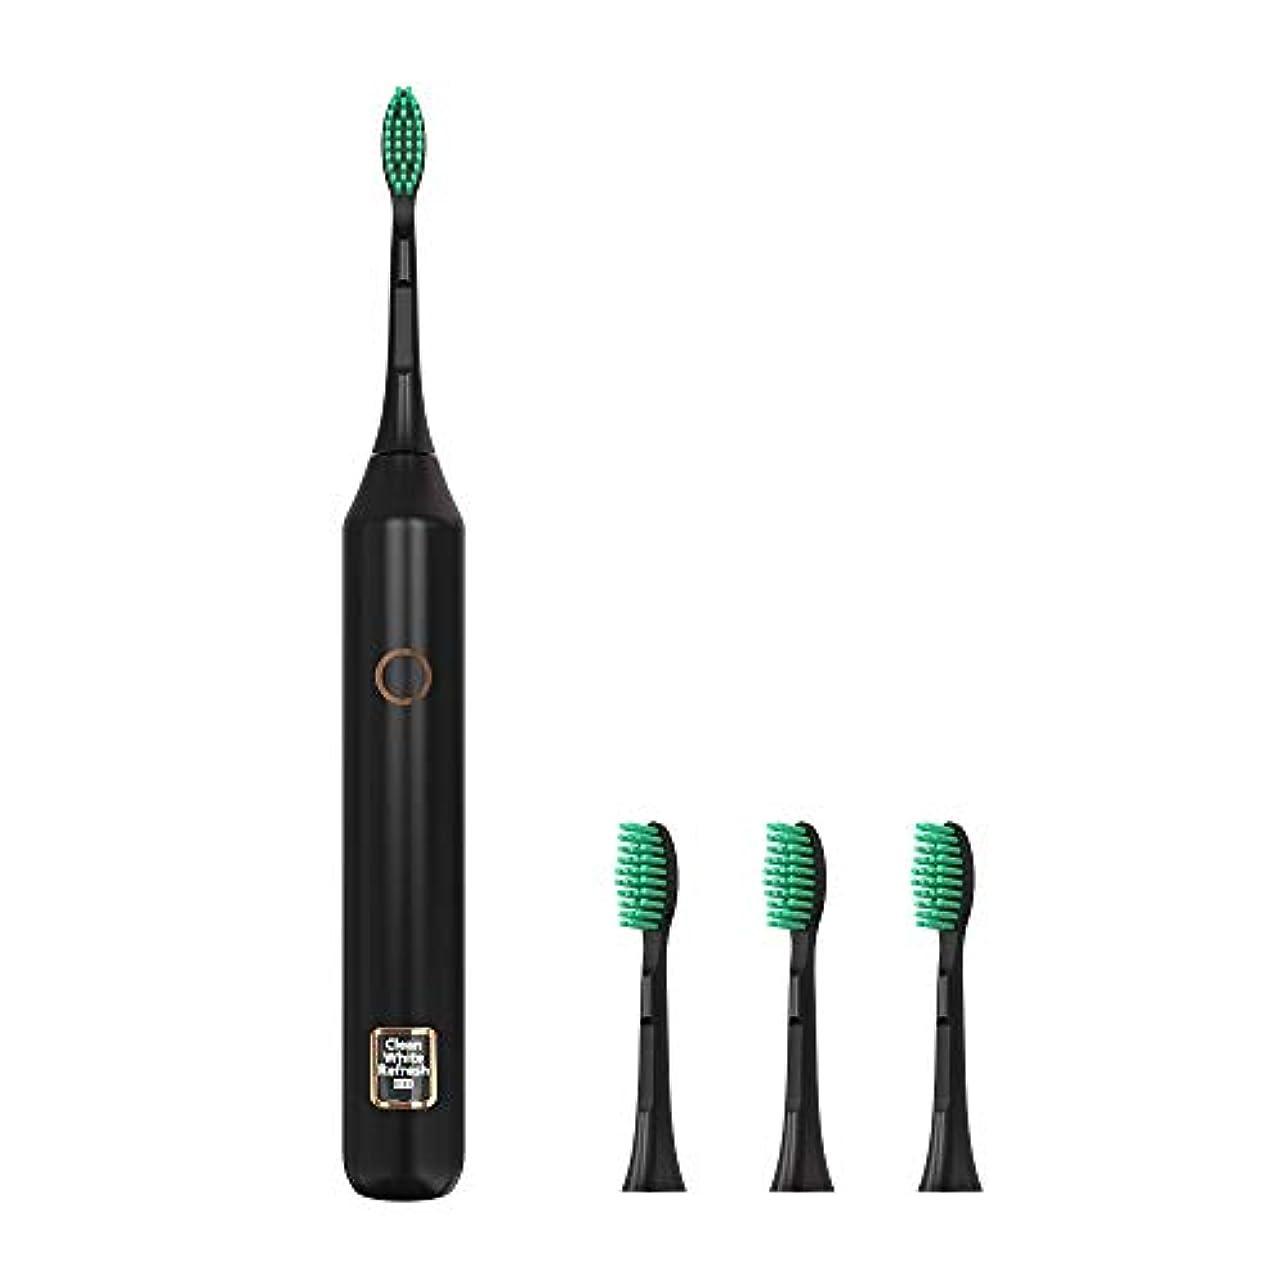 ピストルクラックポット含めるソニックウェーブ電動歯ブラシUSB充電式歯ホワイトニングブラシ3モードIPX7防水歯ブラシ2分タイマー,黒,4heads